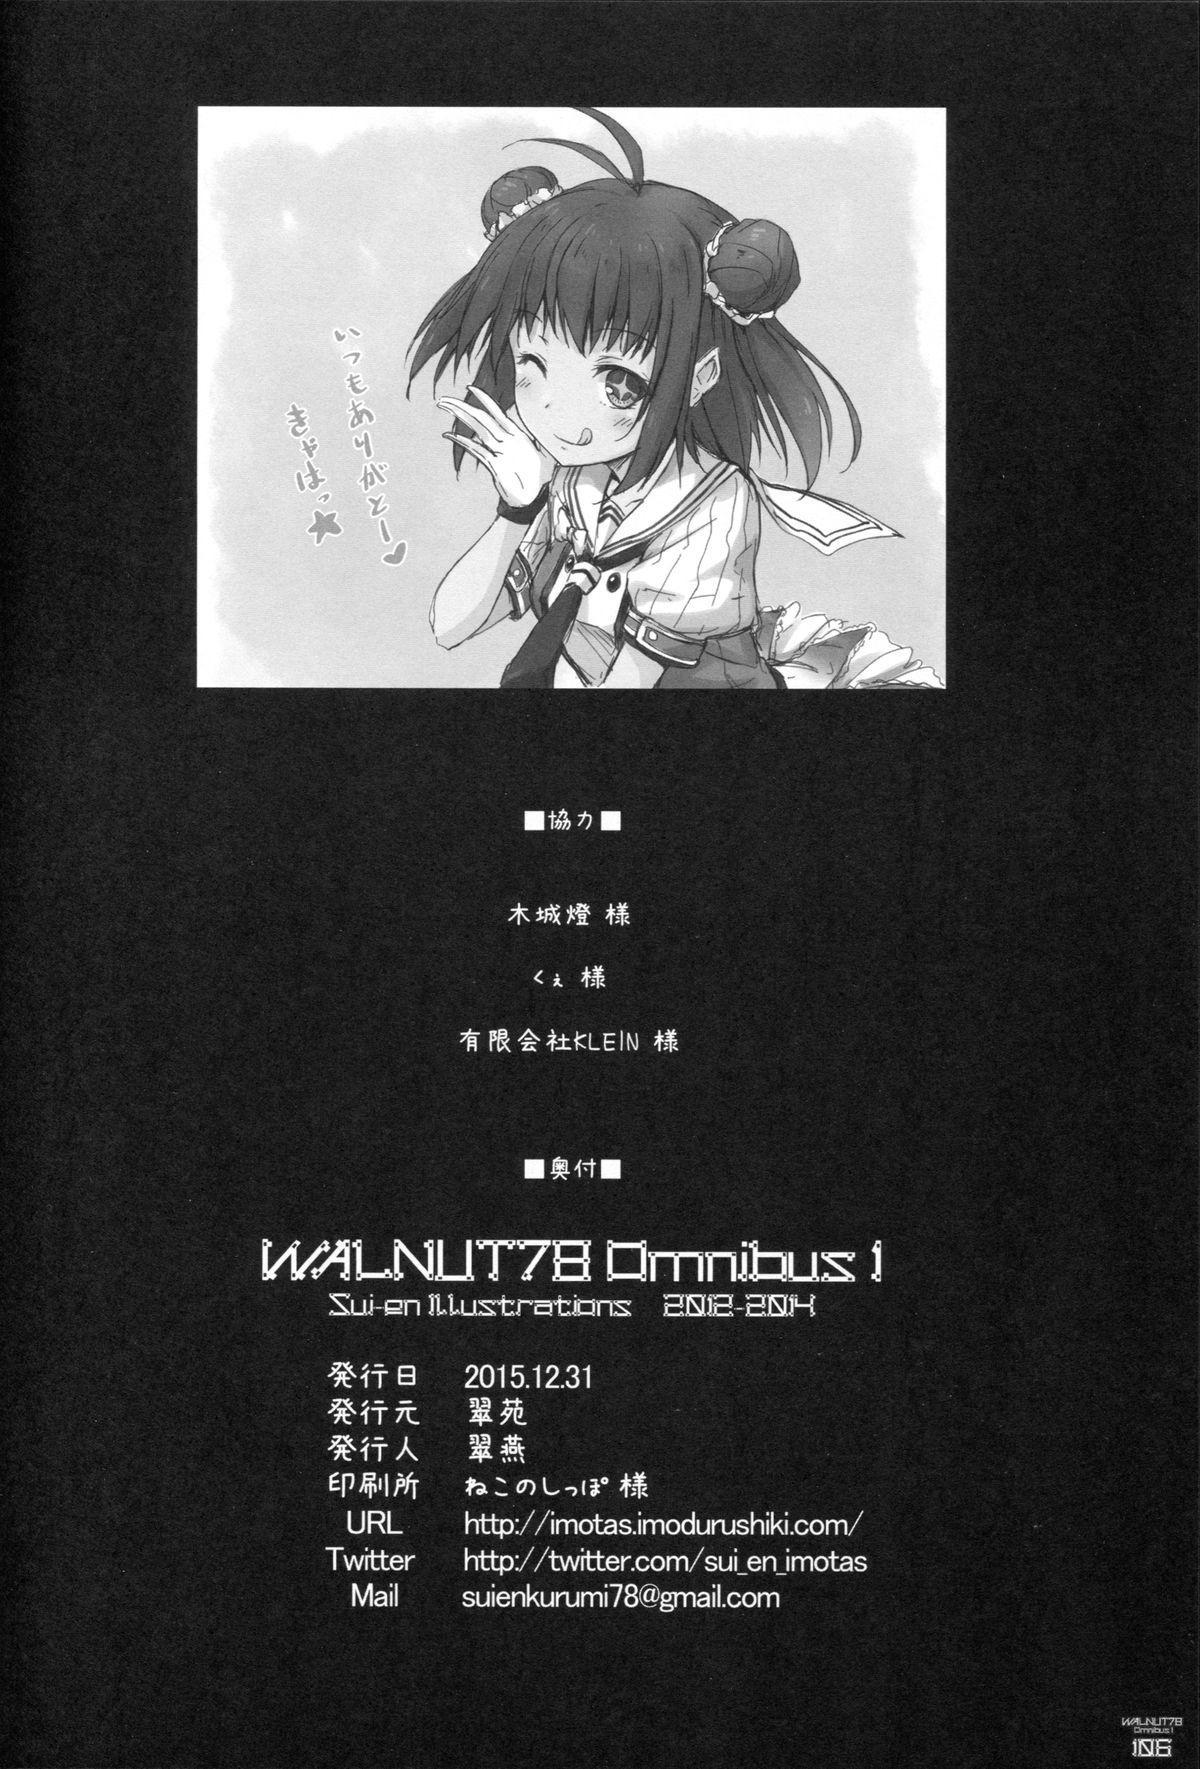 (C89) [Sui-en (Sui-en)] WALNUT78 Omnibus 1 -Suien-en Illustrations 2012-2014- (Various) 103